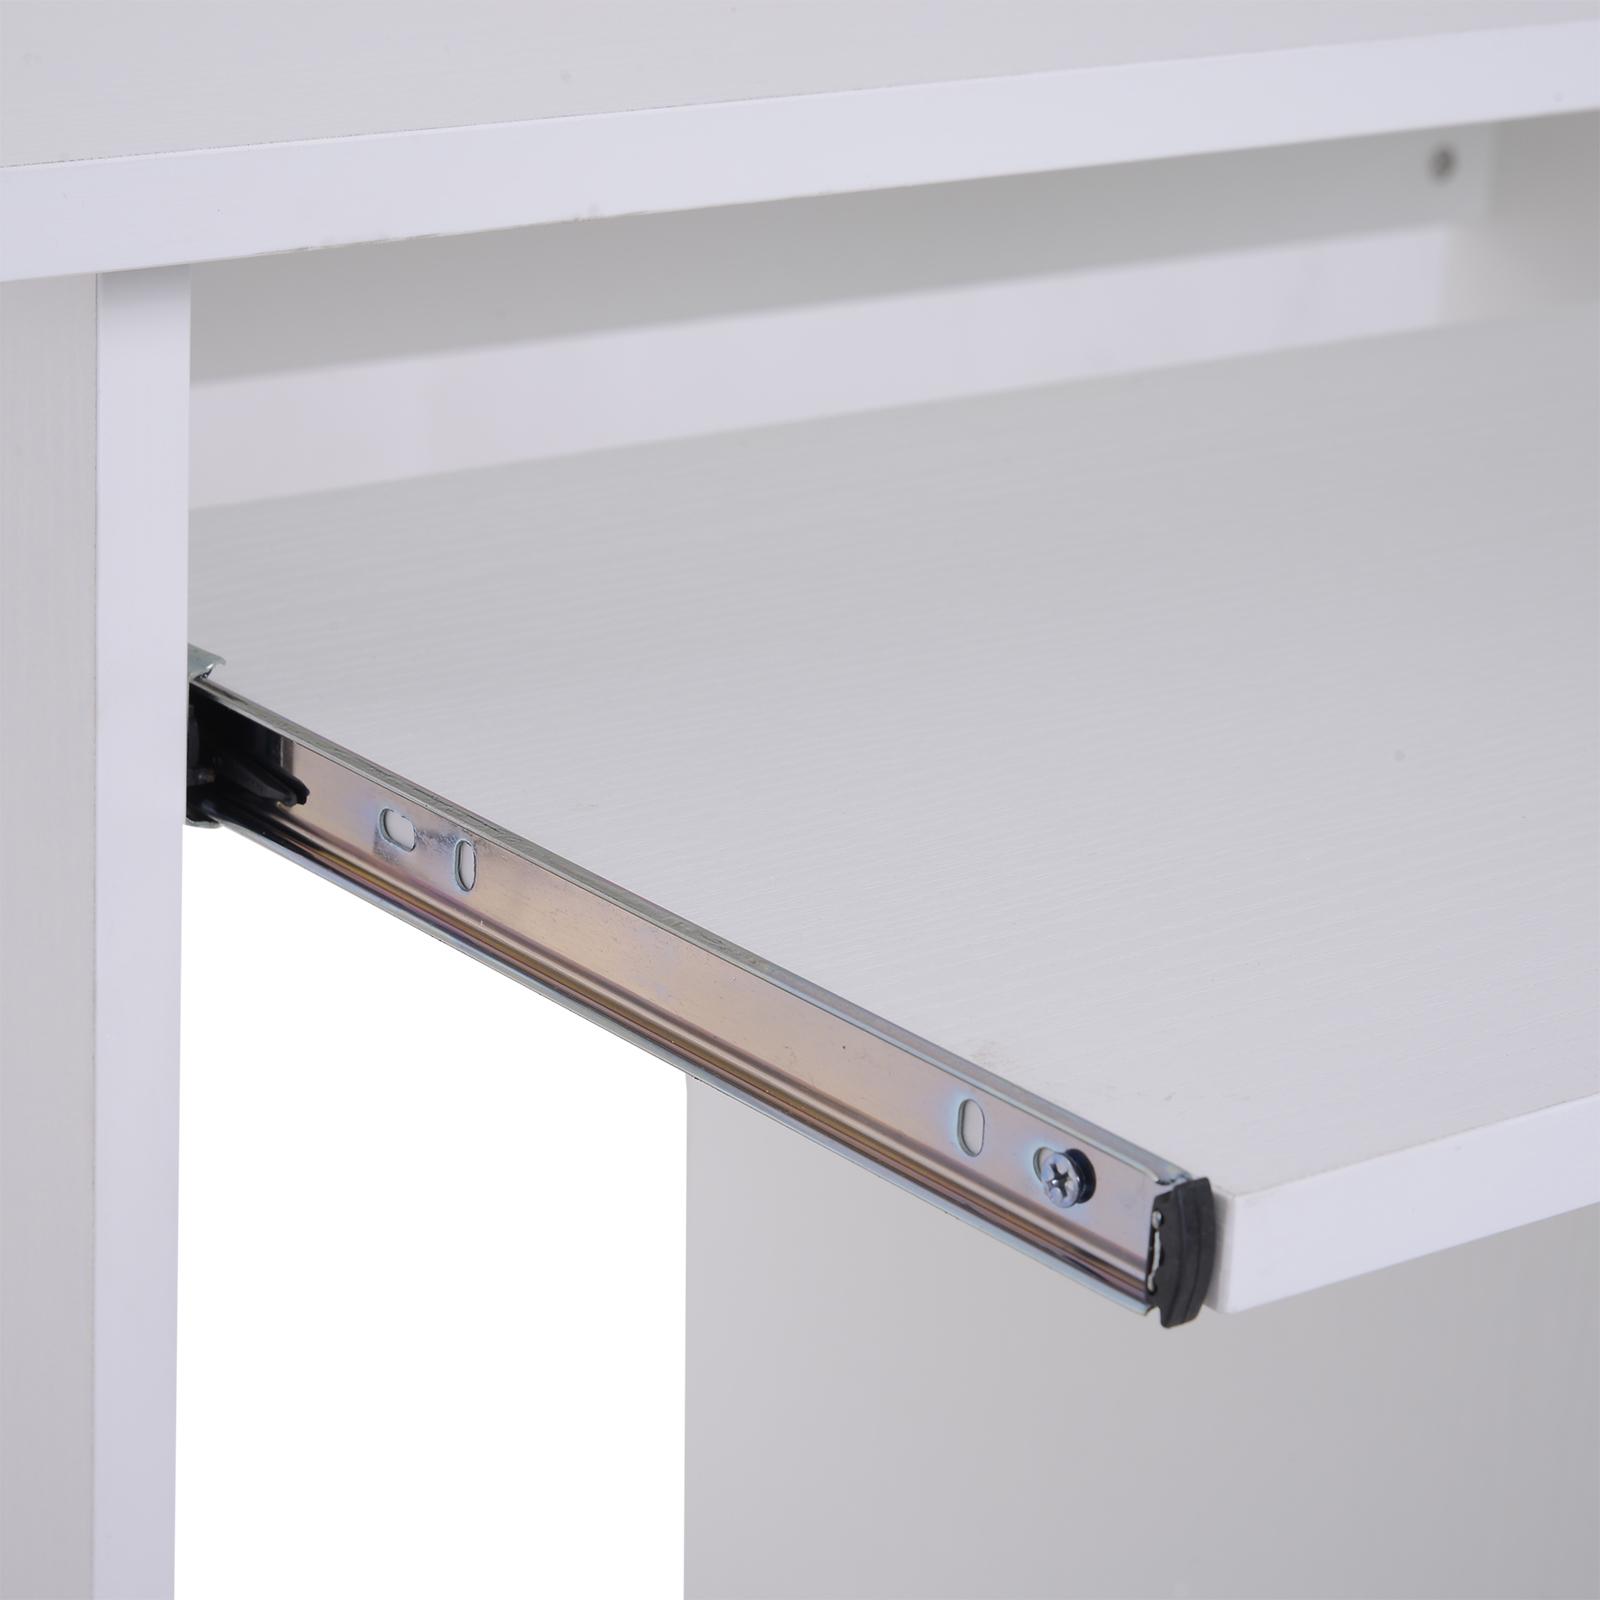 Indexbild 29 - HOMCOM Computertisch Schreibtisch Bürotisch Gamingtisch PC-Tisch Weiß/Schwarz